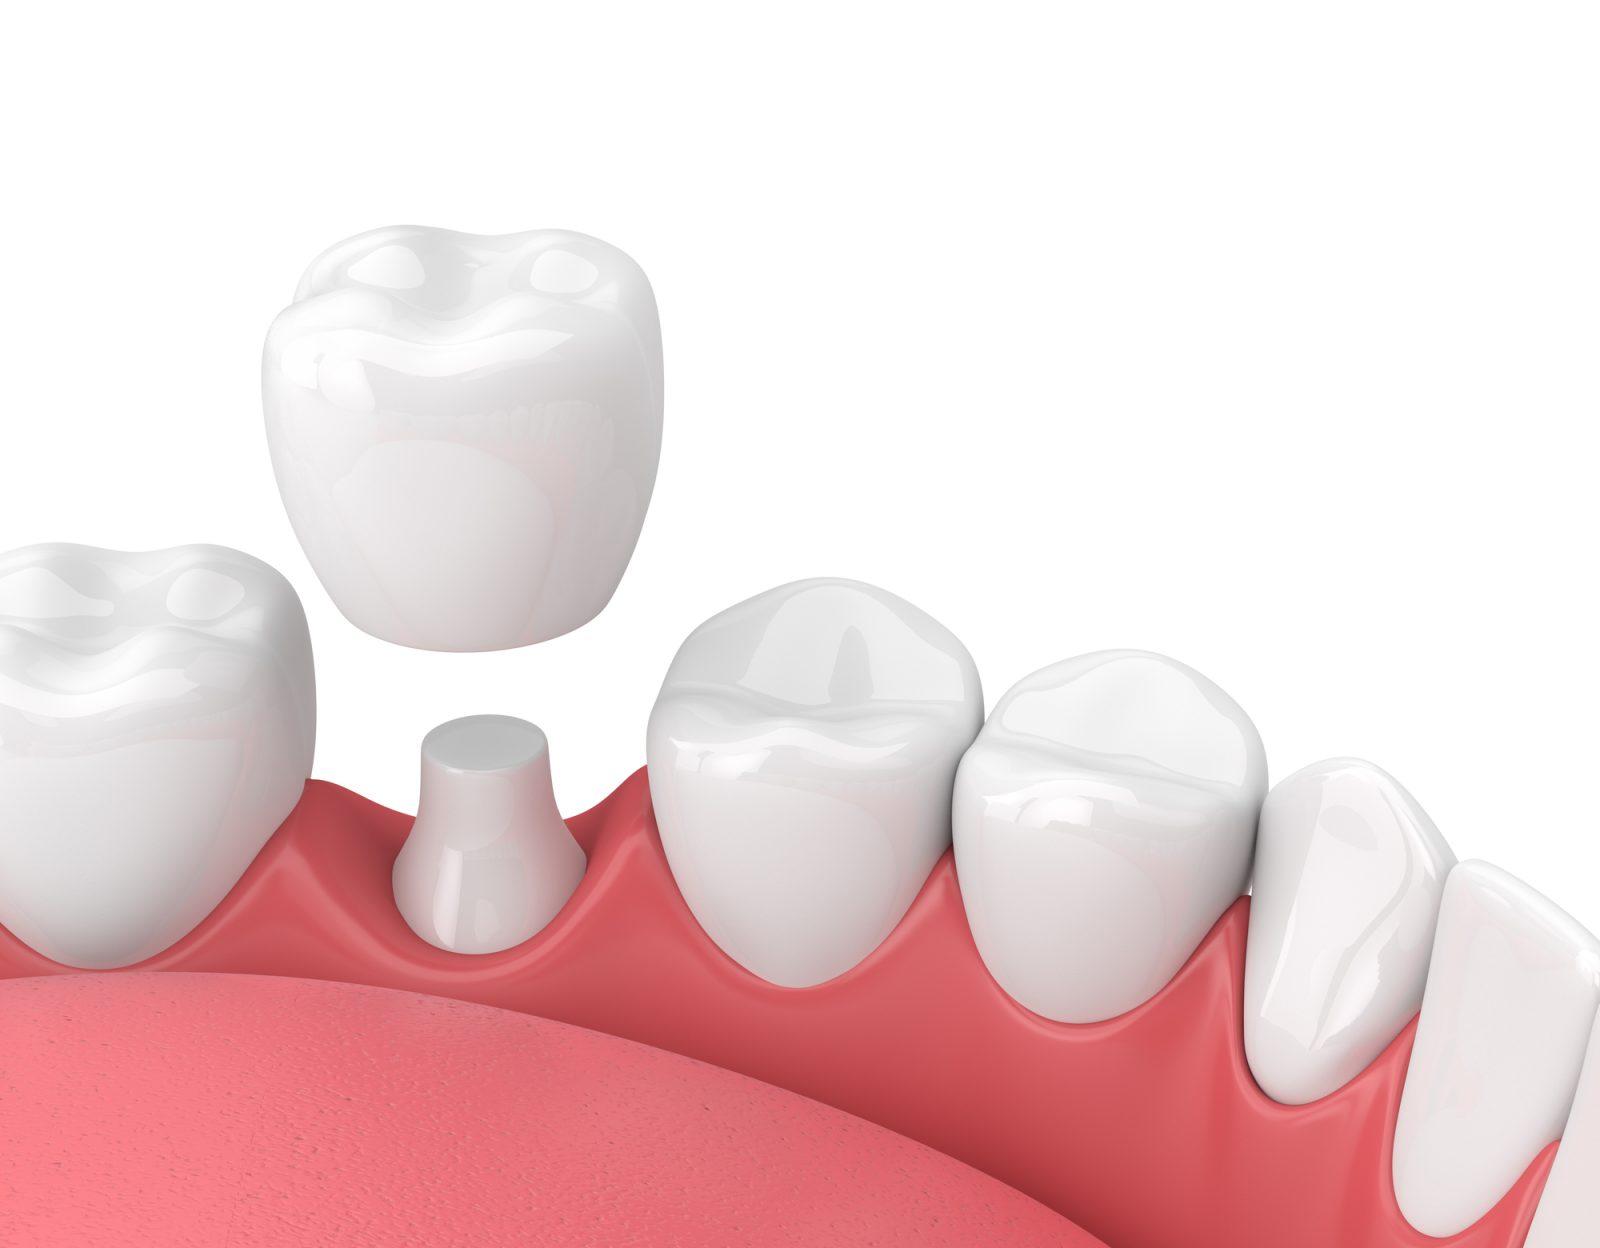 Implant dentaire : une dent remarquée ?